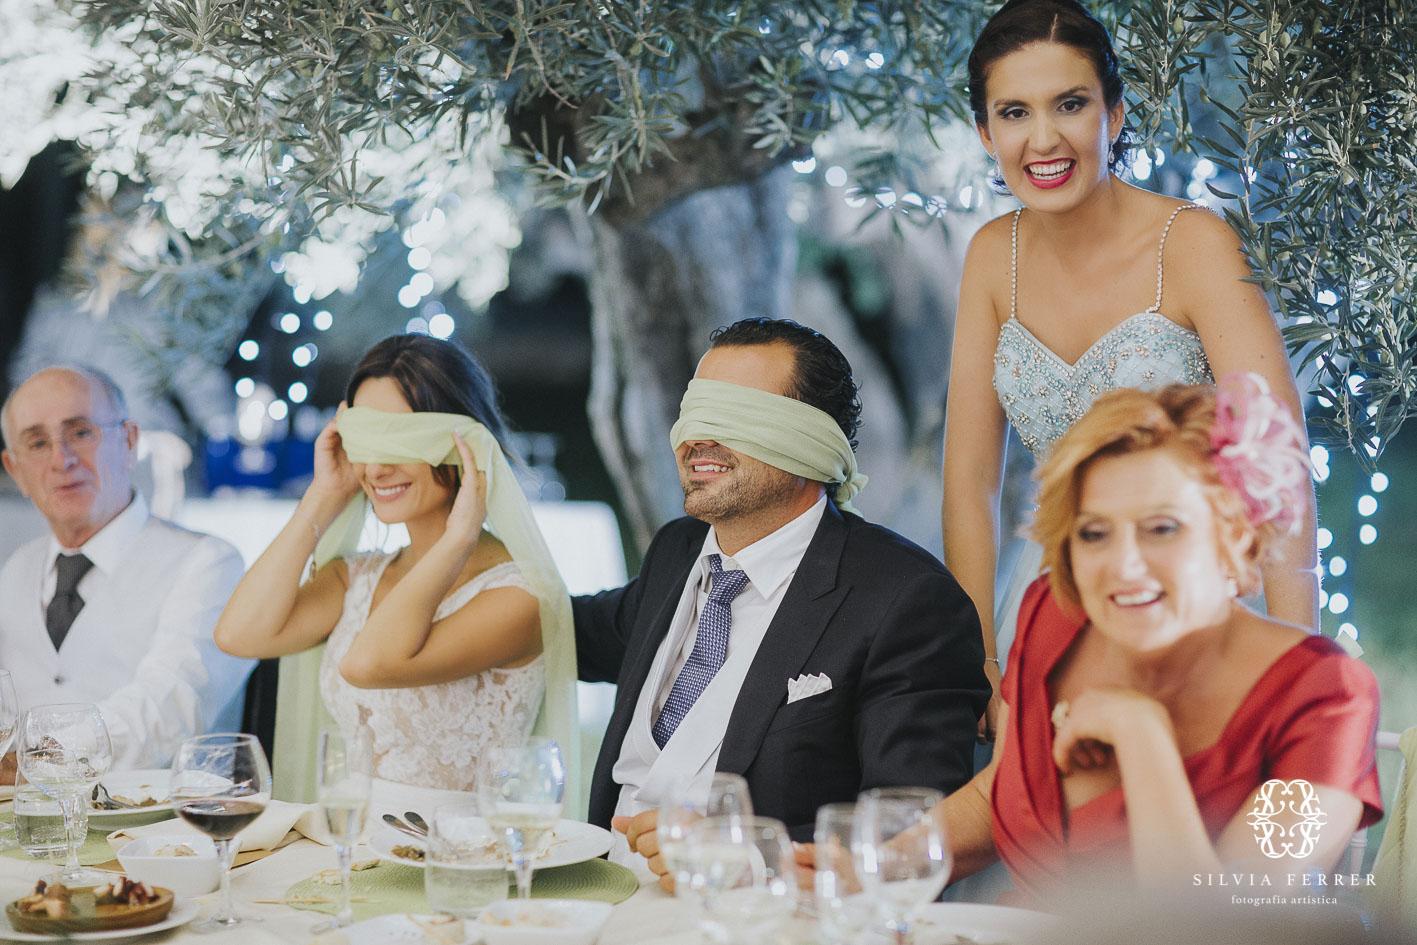 boda en exterior fina buenavista la cabaña